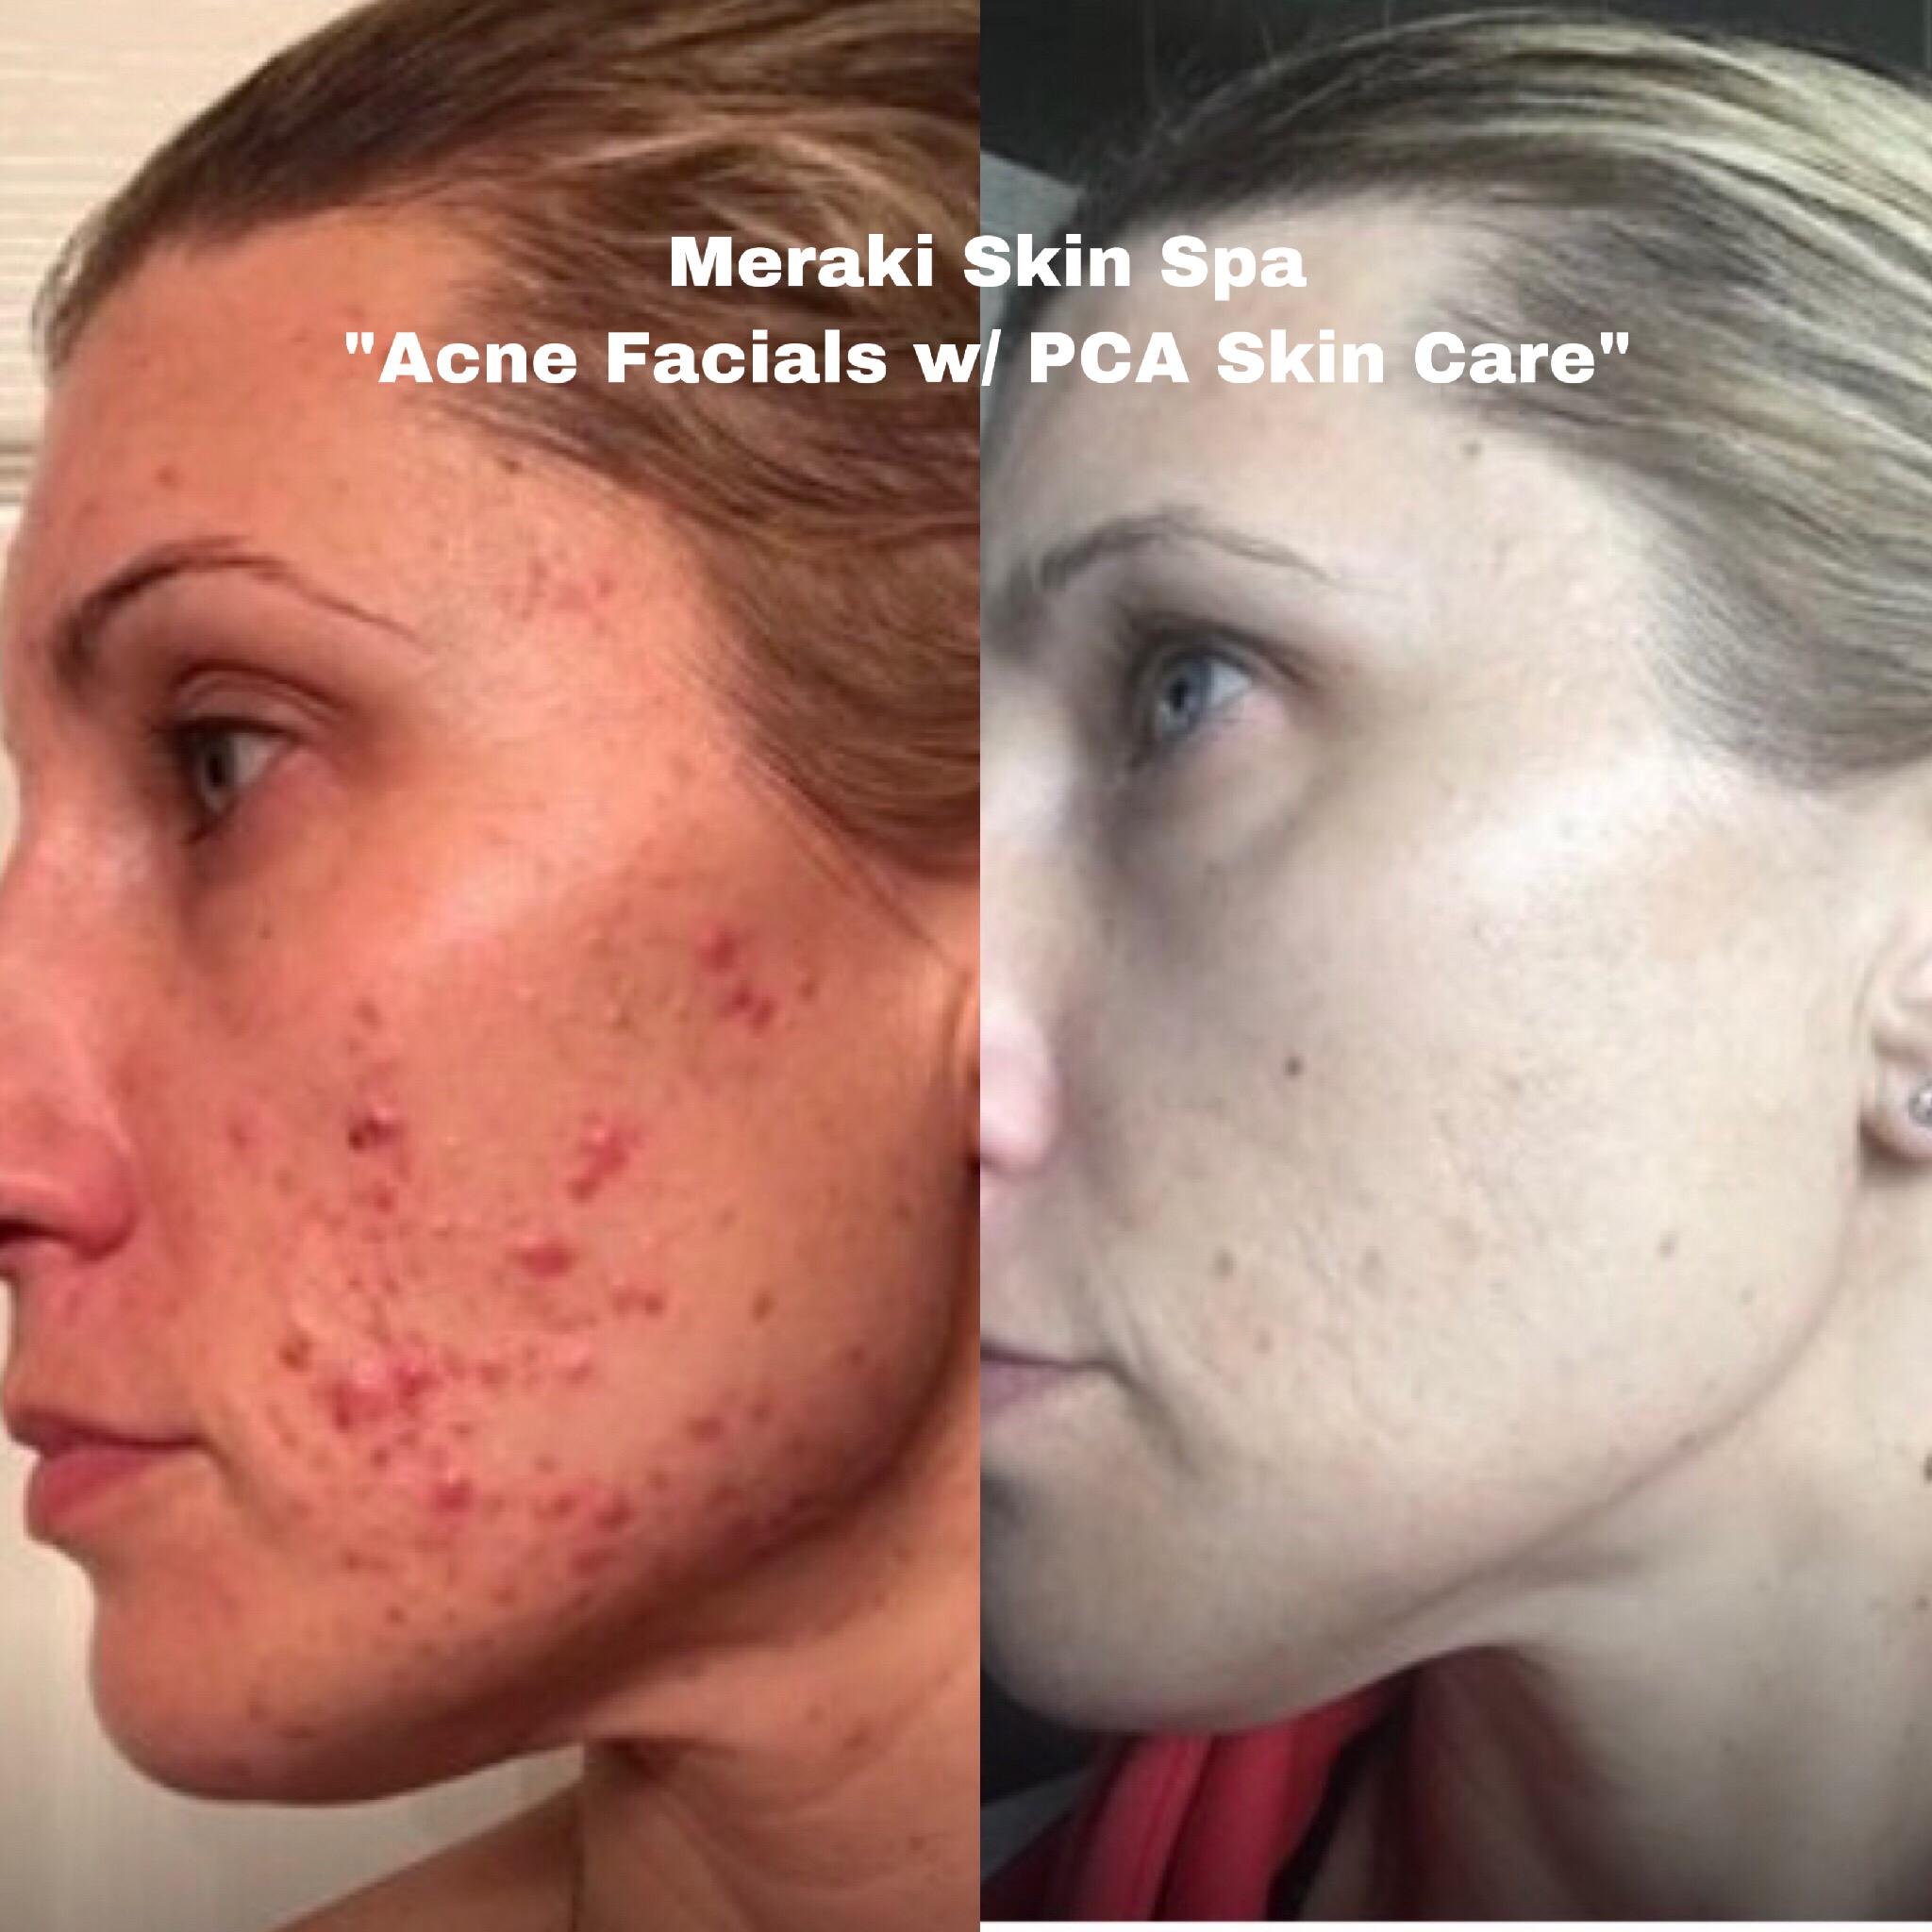 alt text lauren acne facial treatment